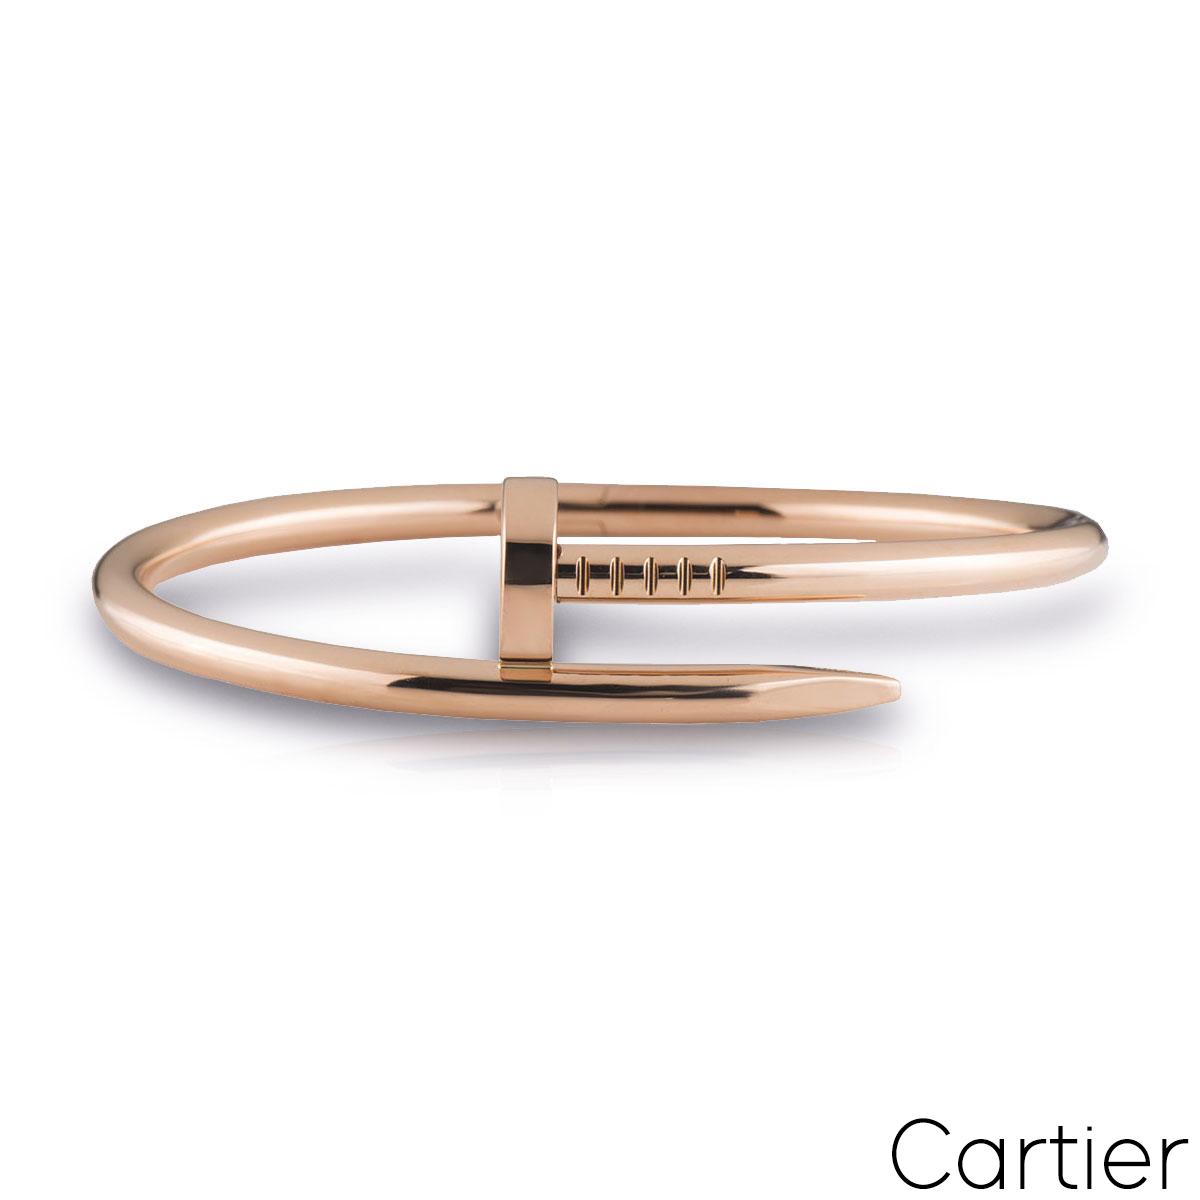 Cartier Rose Gold Juste Un Clou Bracelet Size 17 B6048117